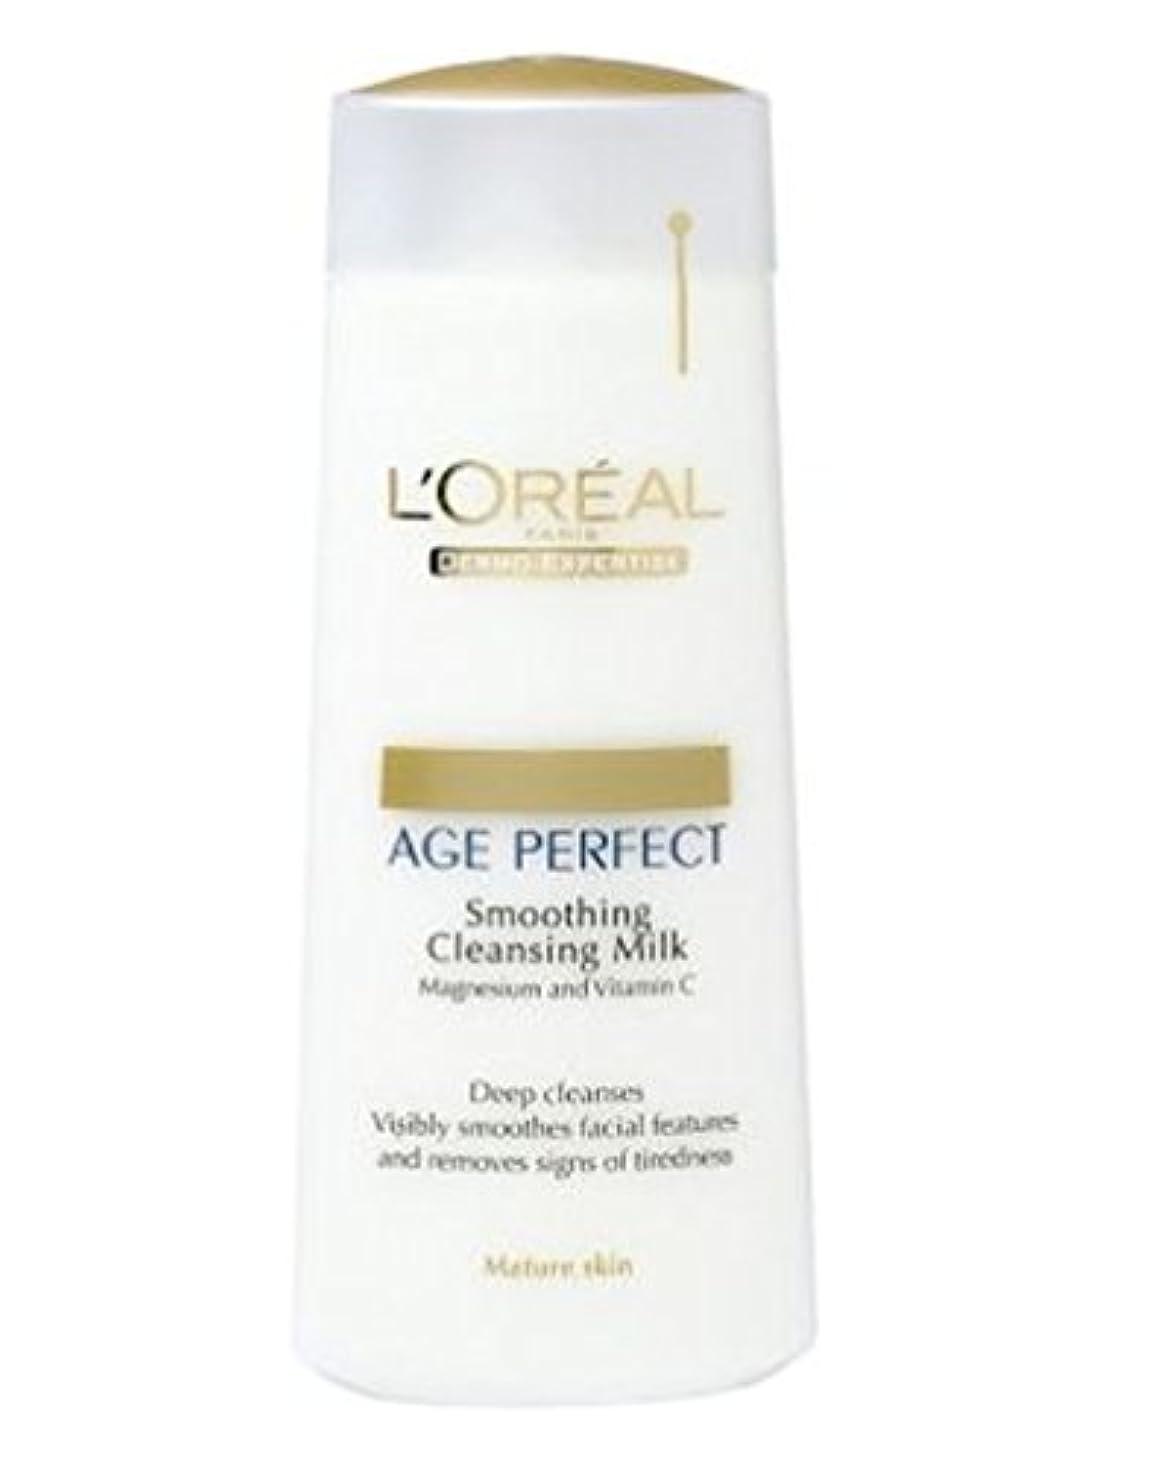 事故針トーストL'Oreall真皮専門知識の年齢、完璧なスムージングクレンジングミルク200ミリリットル (L'Oreal) (x2) - L'Oreall Dermo-Expertise Age Perfect Smoothing...